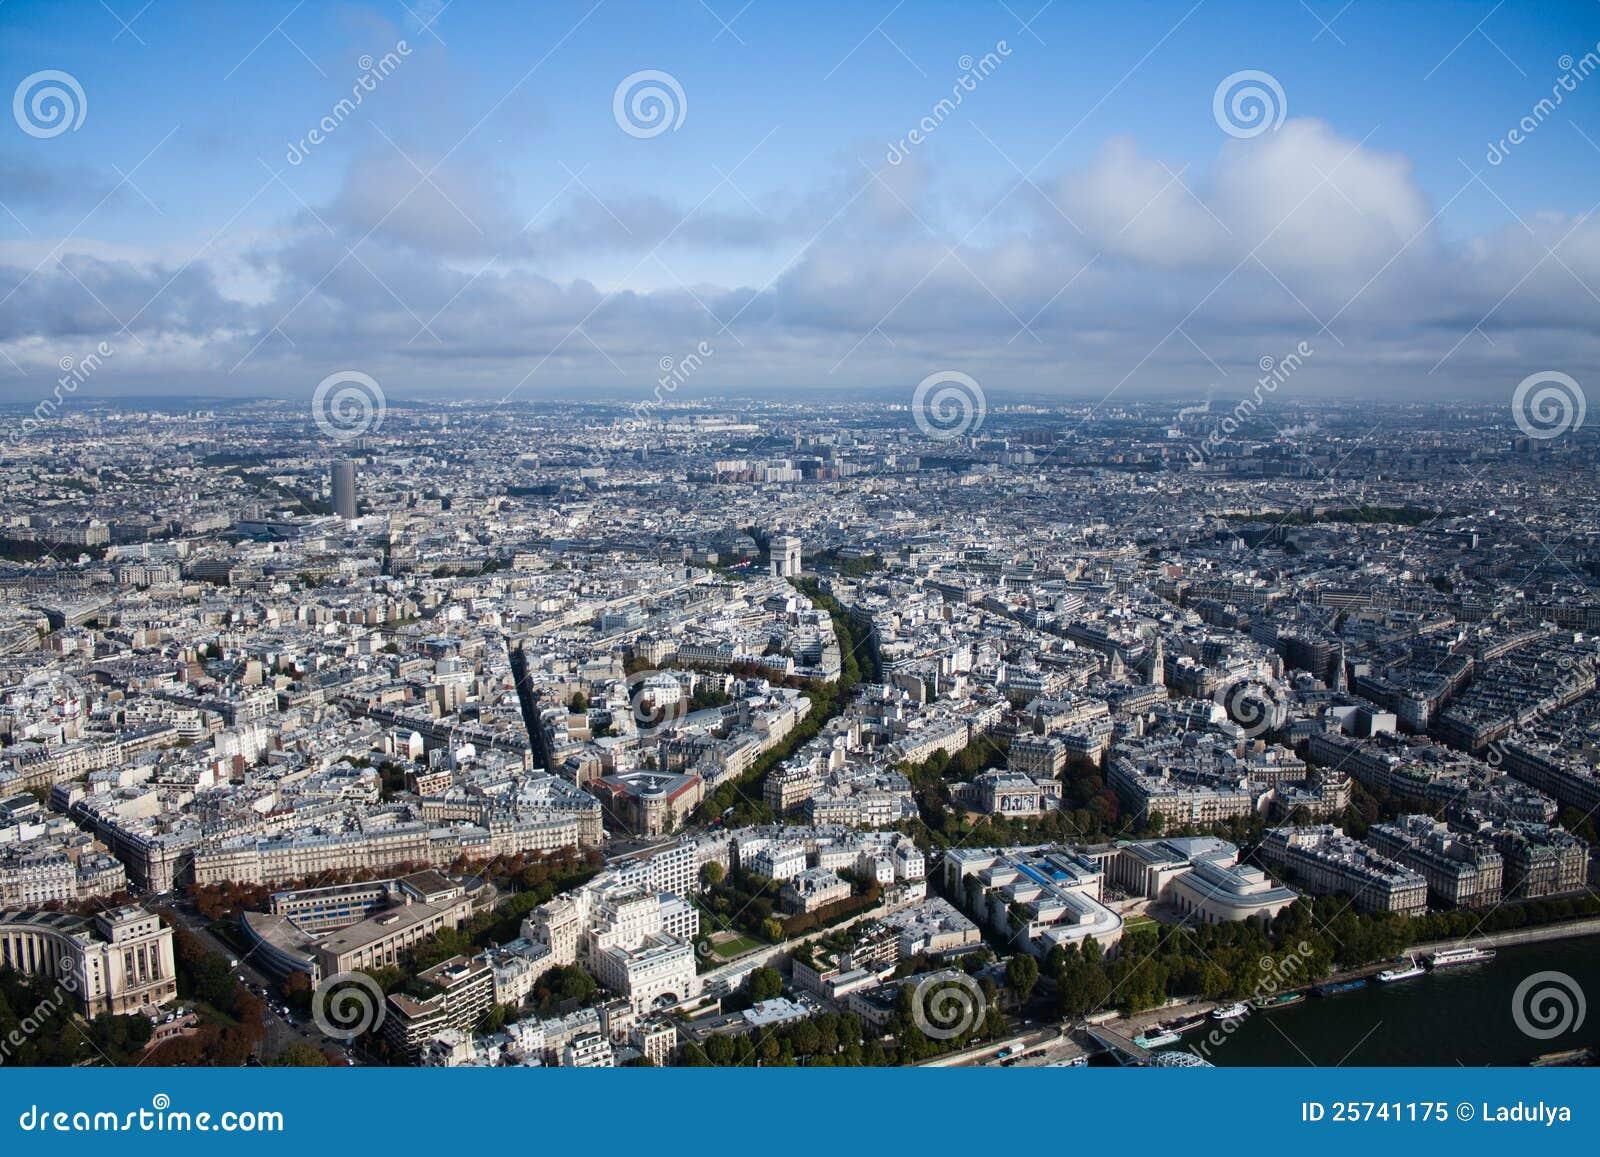 Paris view of the city